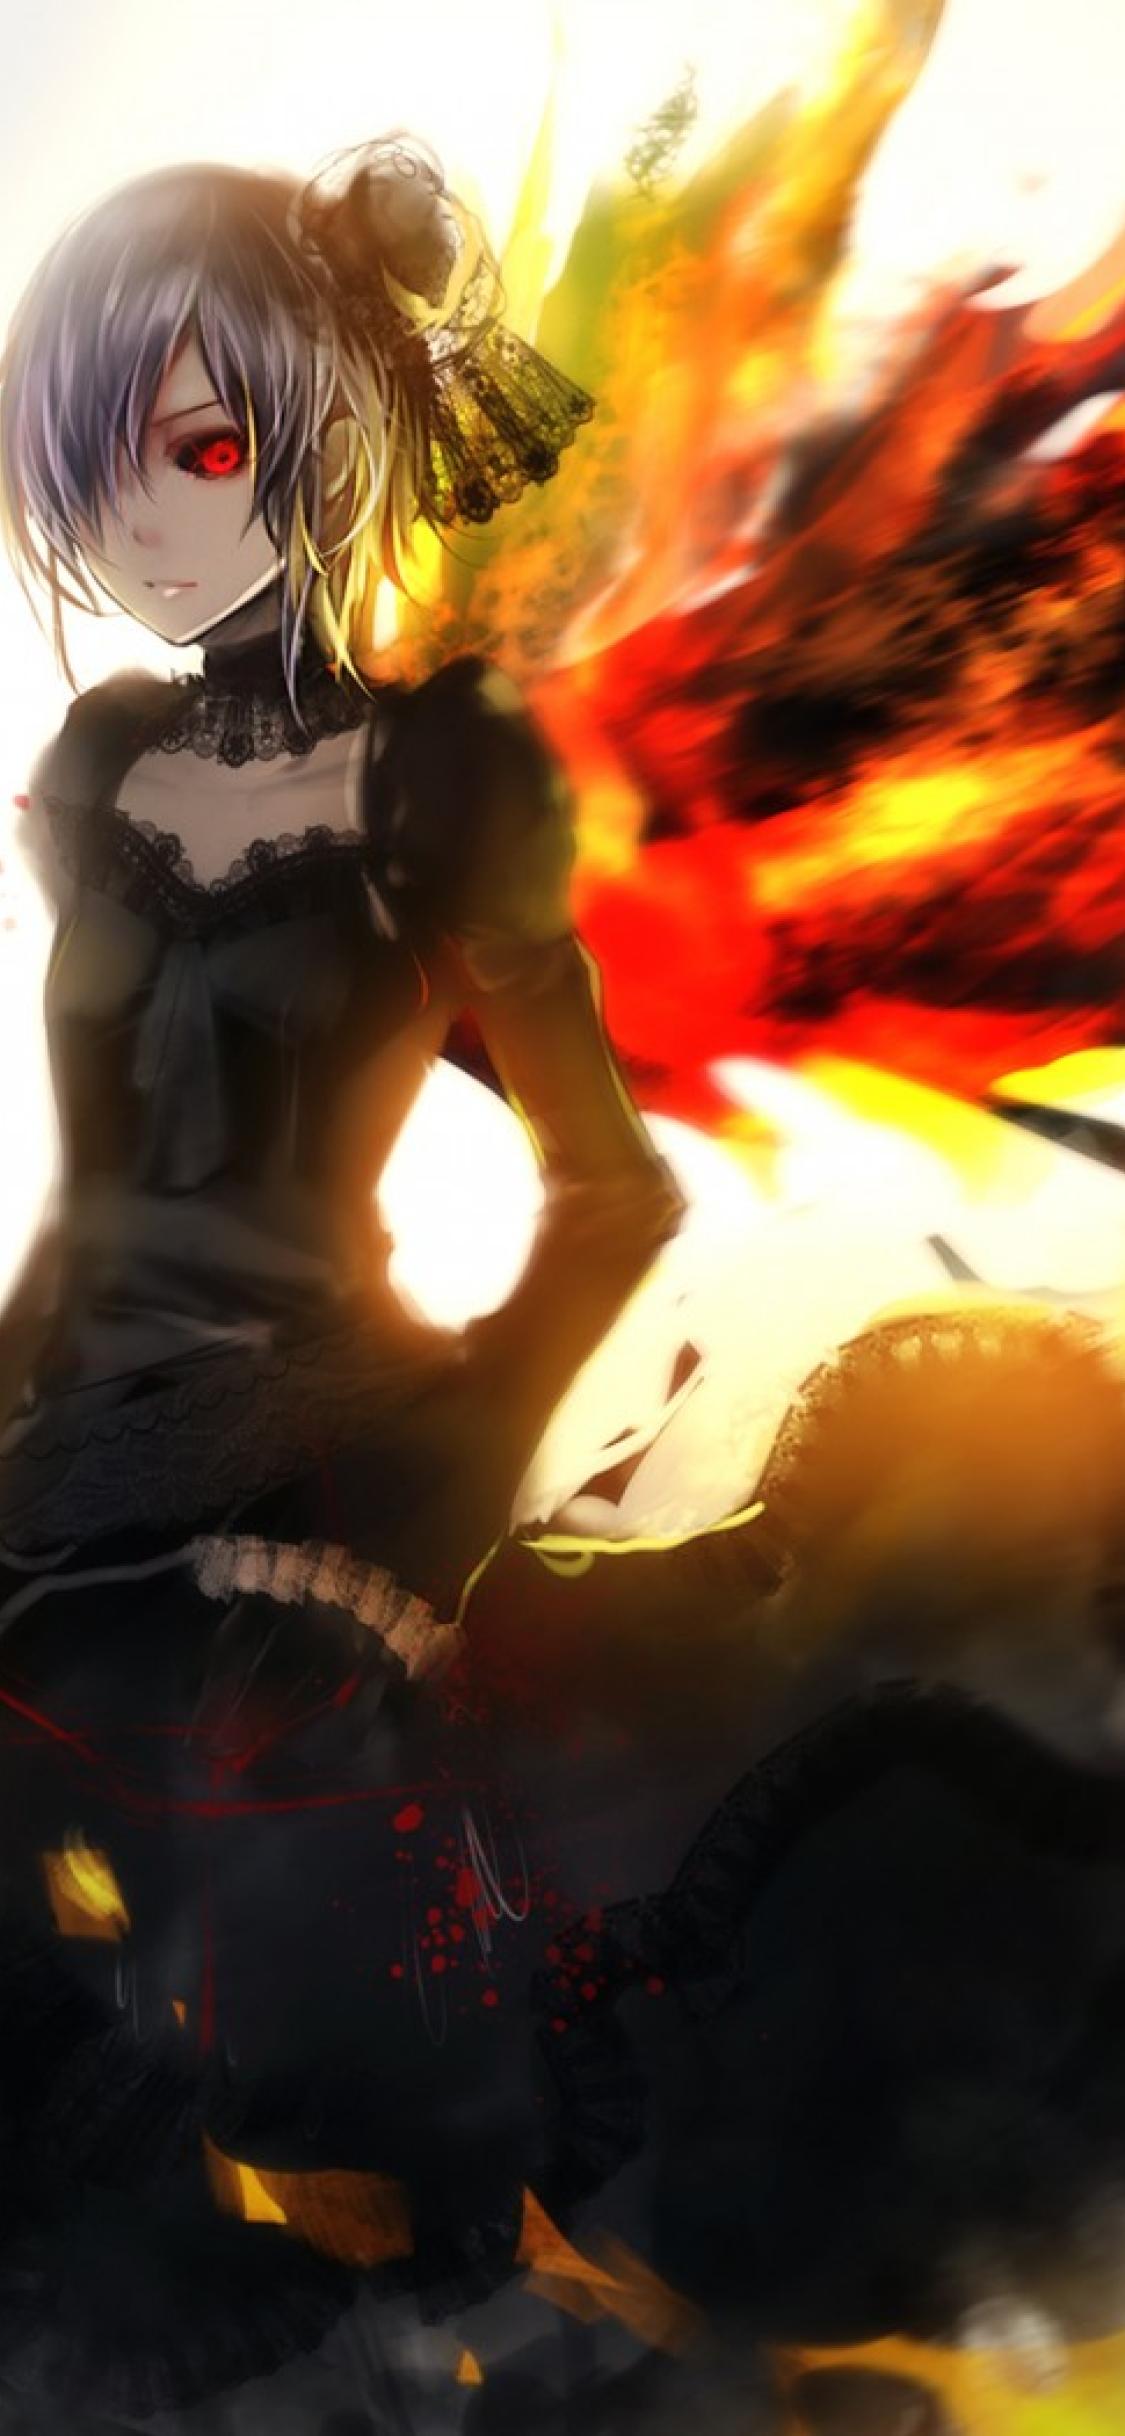 1125x2436 anime, tokyo ghoul, kirishima touka Iphone XS ...